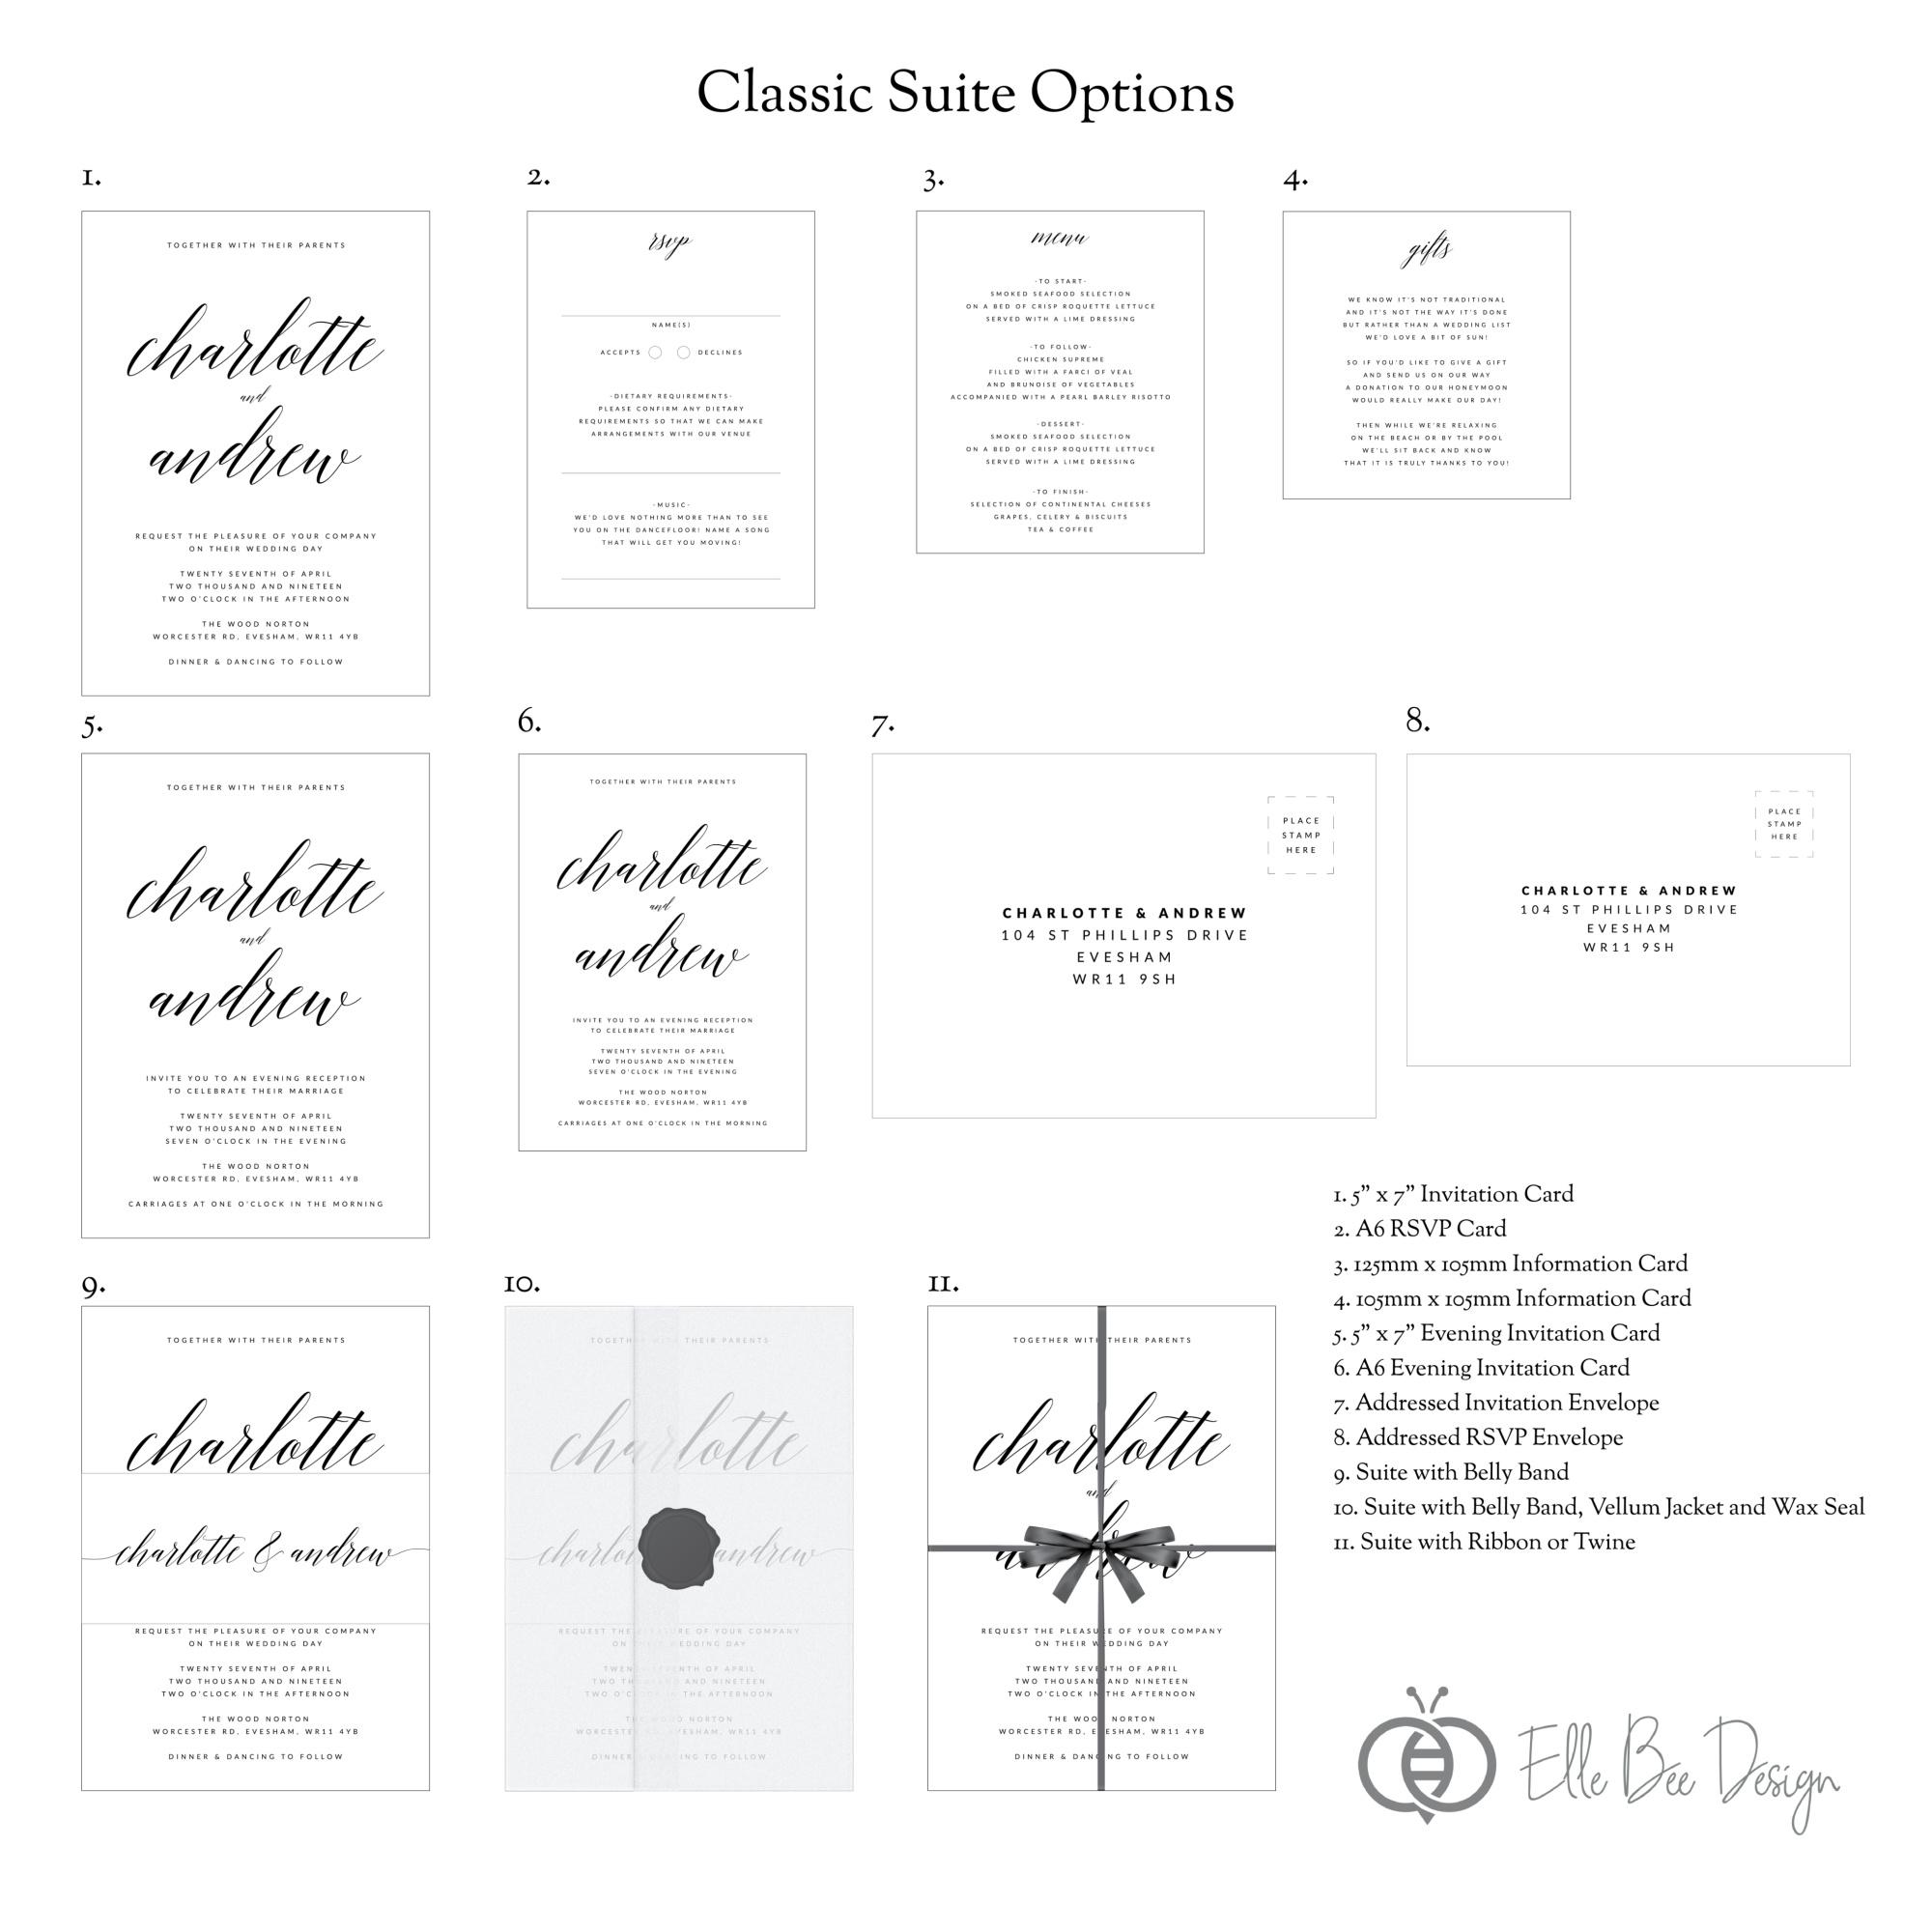 Classic Suite Infographic.jpg